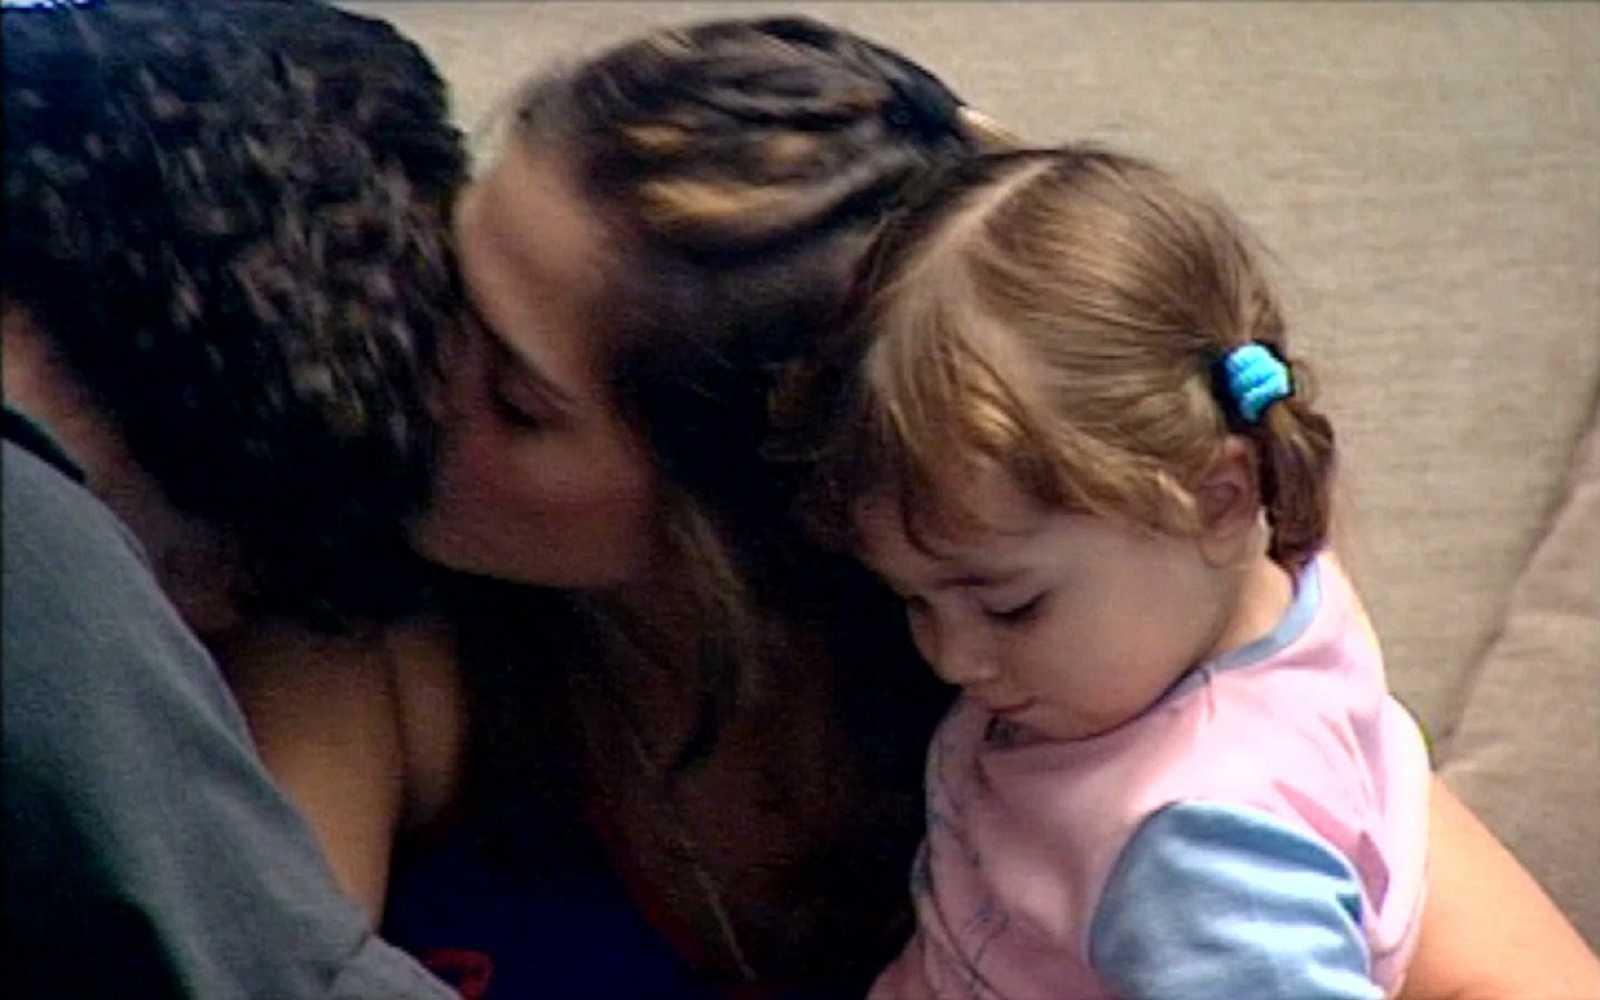 La hija de Leticia de OT 3 la visitó con dos años en la Academia y ahora se ha presentado al casting de OT 2020 en Sevilla